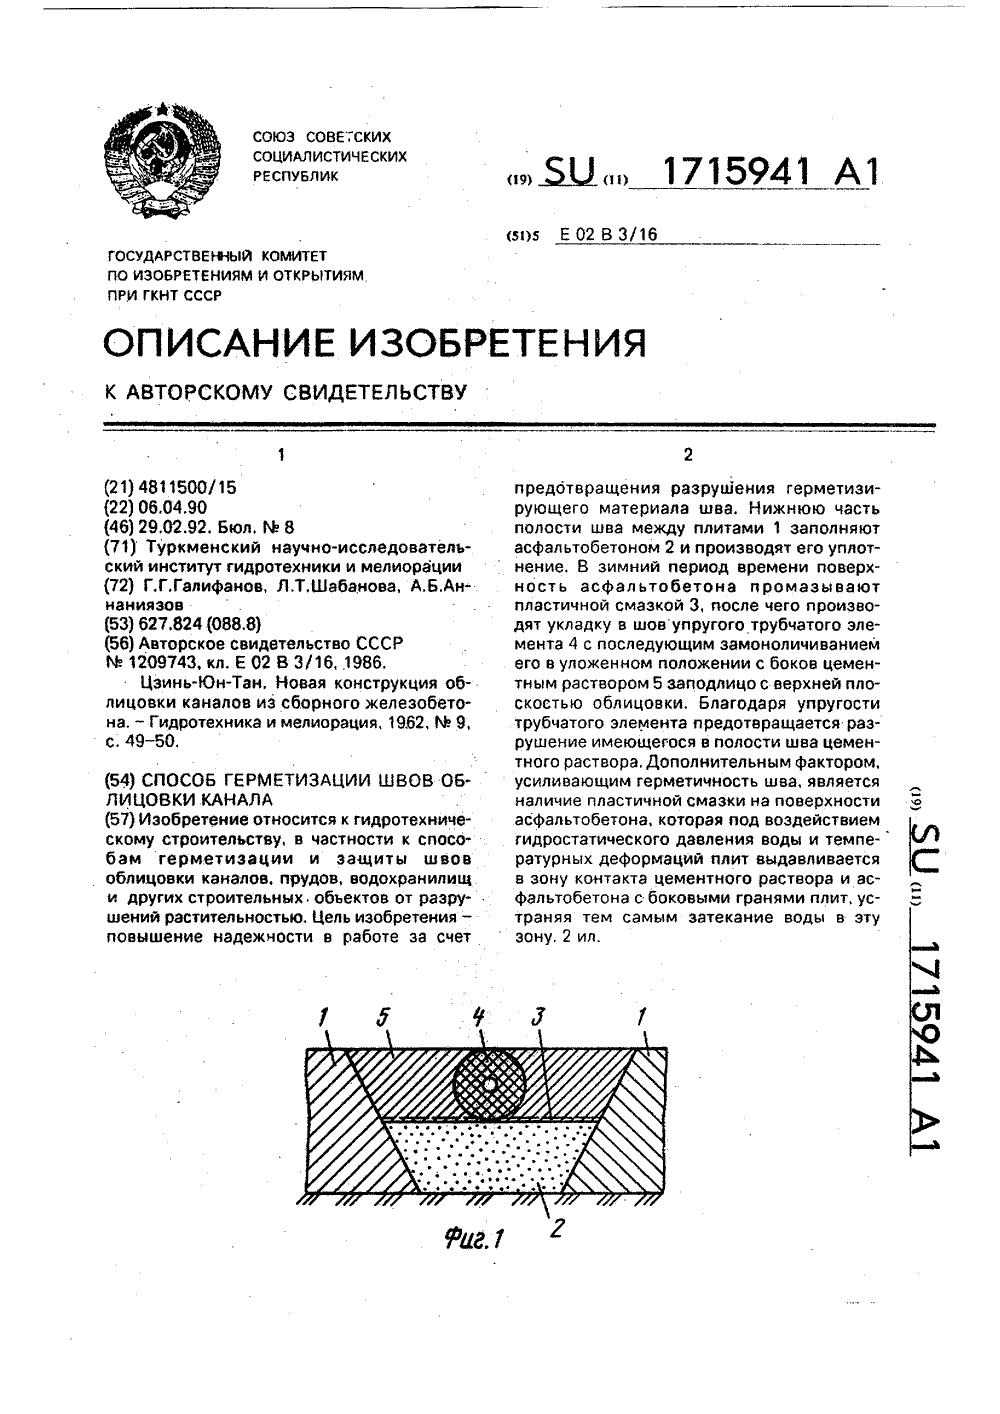 Услуги по герметизации оконных швов